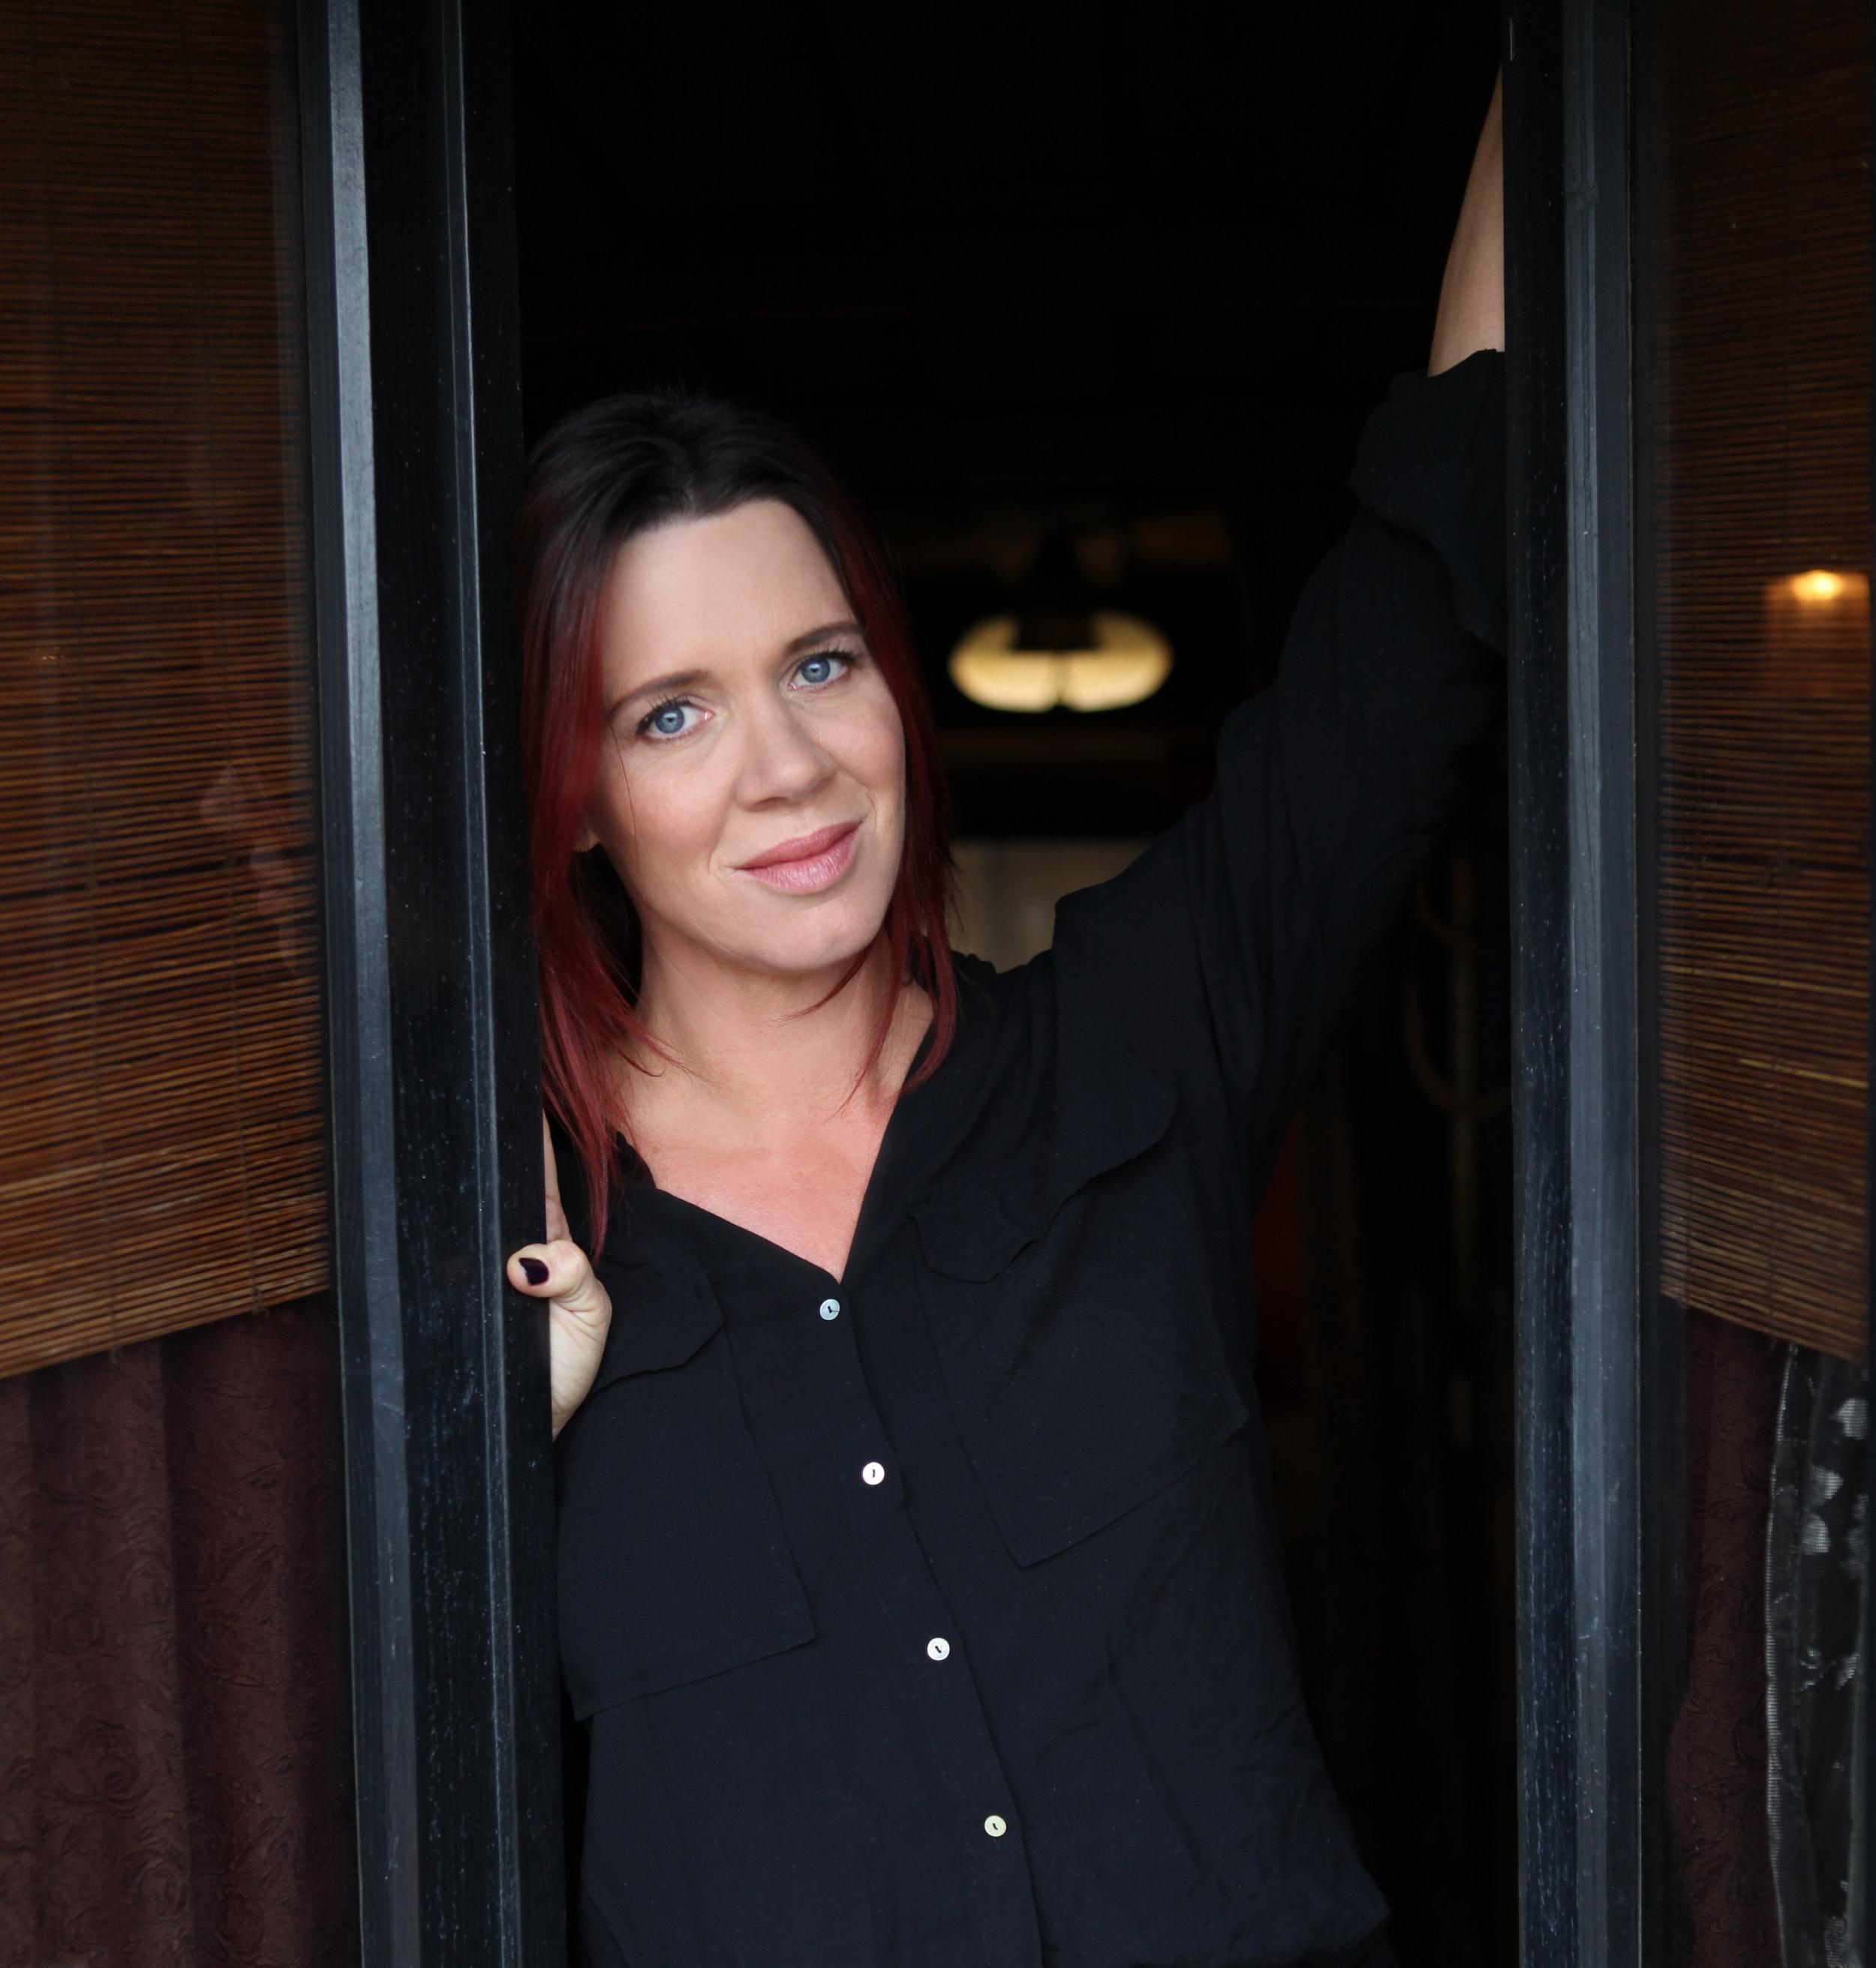 Mia Tate - Actress, Director